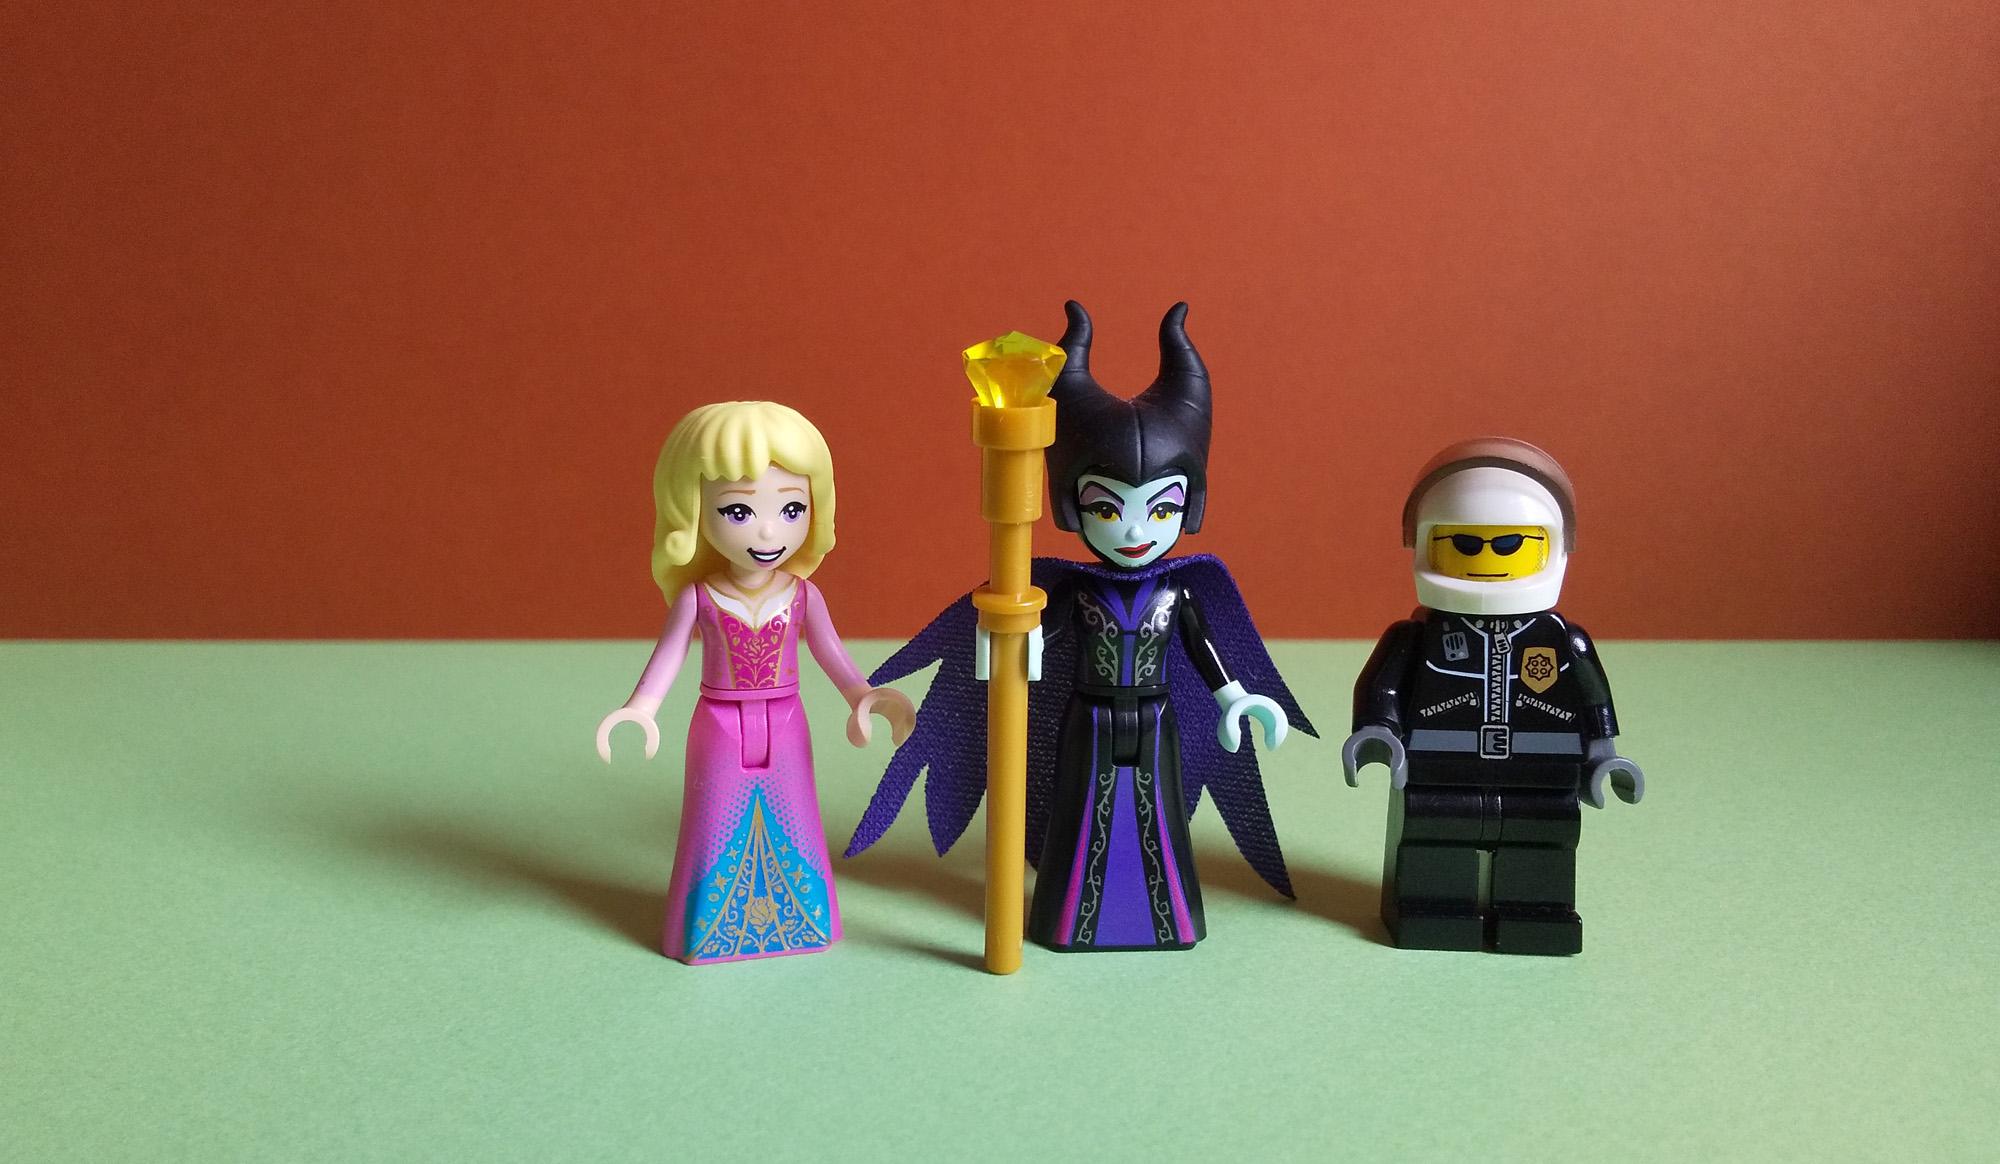 レゴも人気のディズニー映画マレフィセント感想:正義の魔女対裏切者バトルアクション!